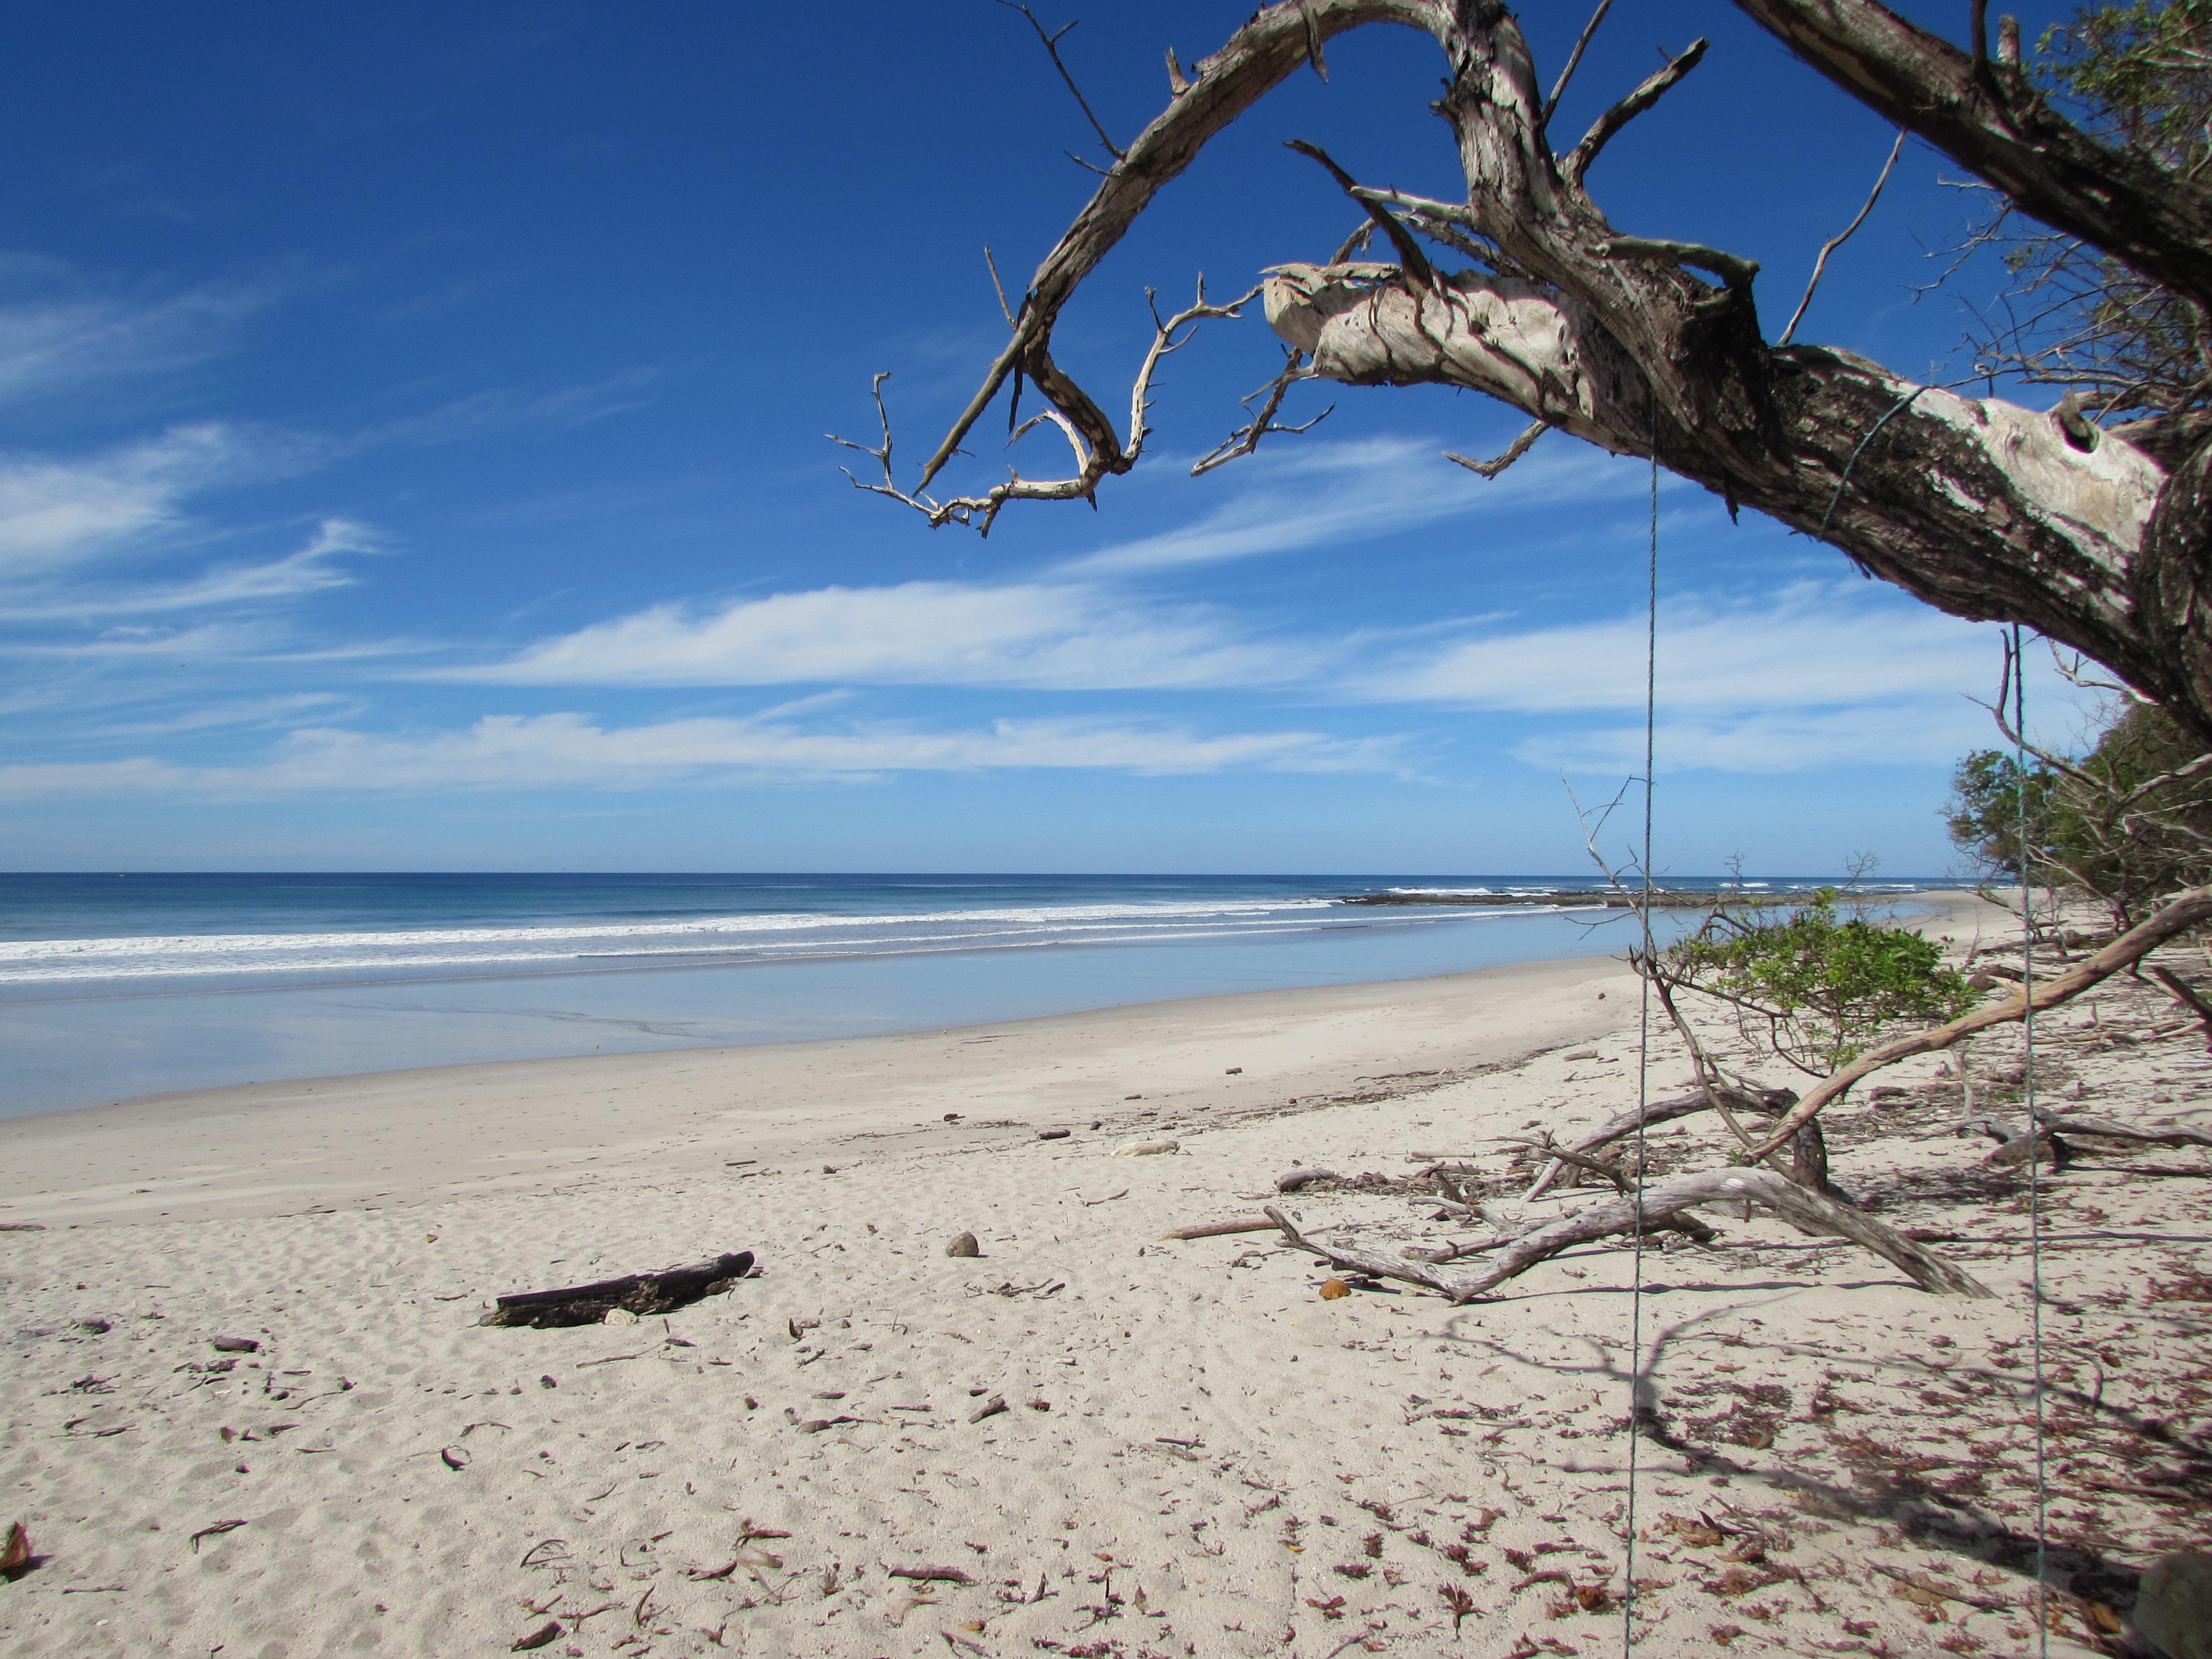 Beach - Costa Rica